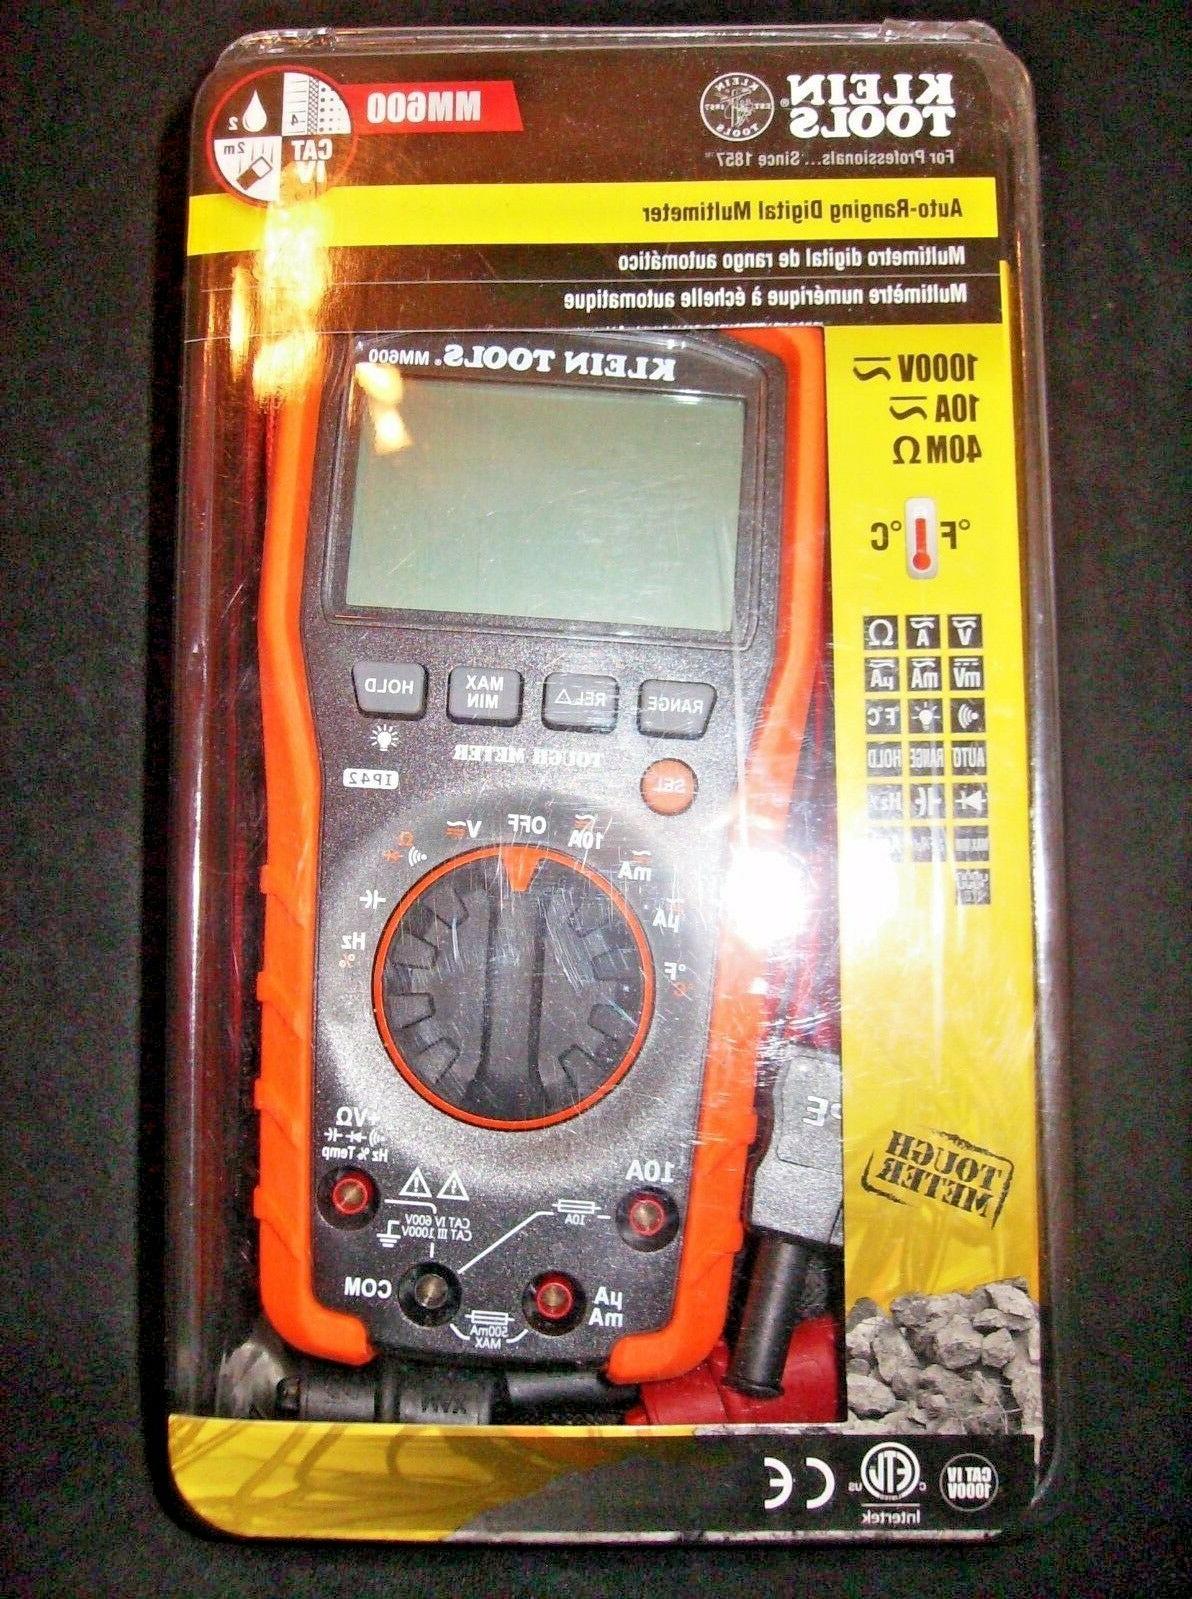 new mm600 digital multimeter auto ranging 1000v